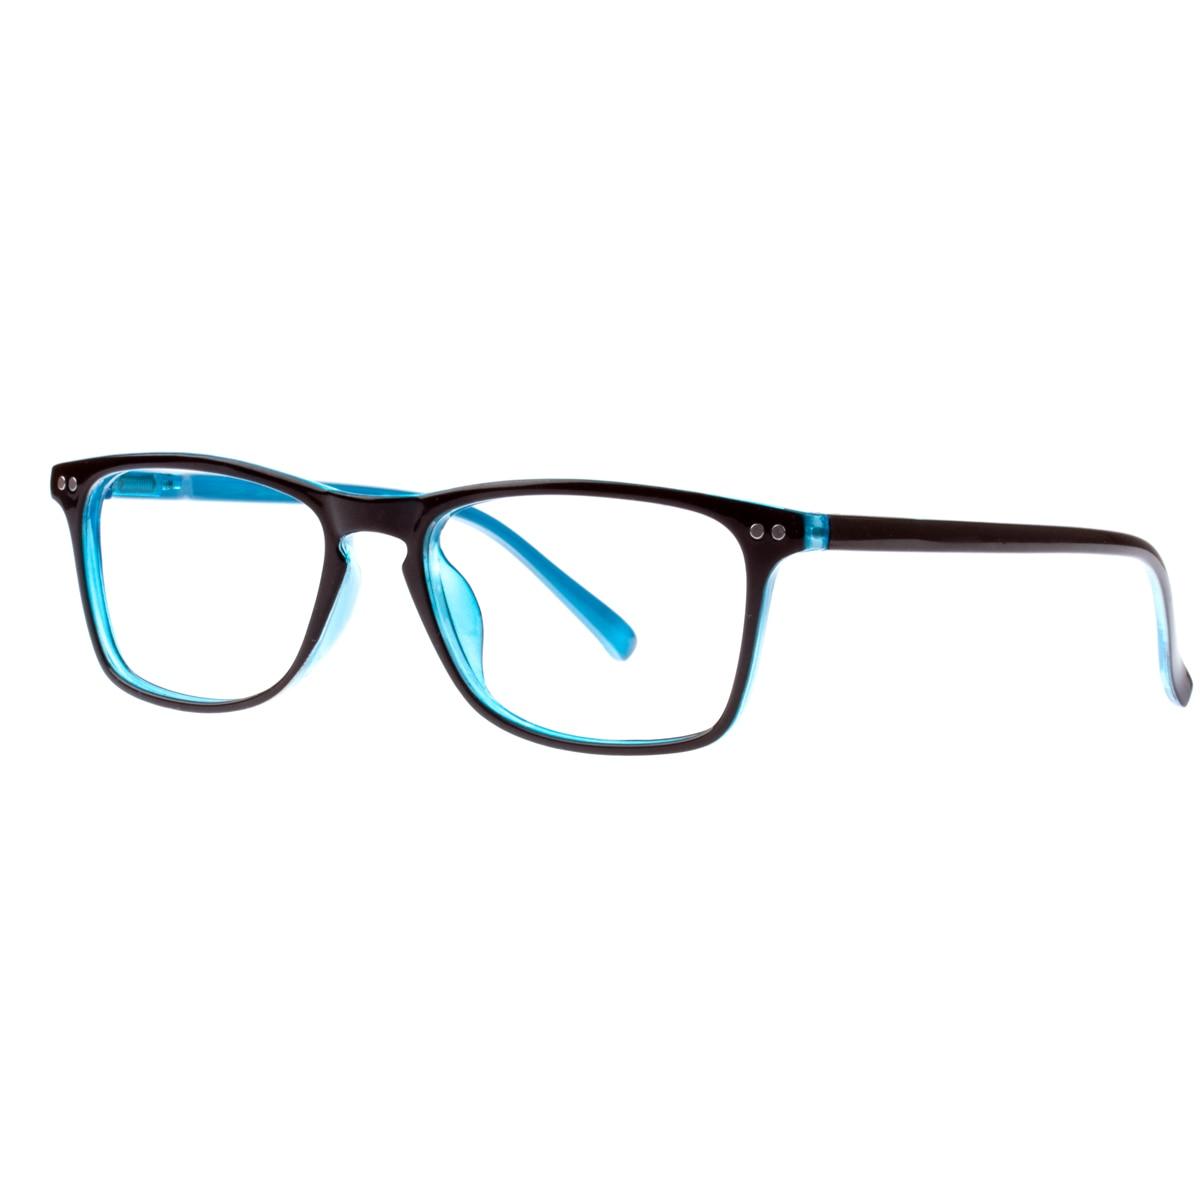 látás dioptriás normája A 0 7 gyenge látás